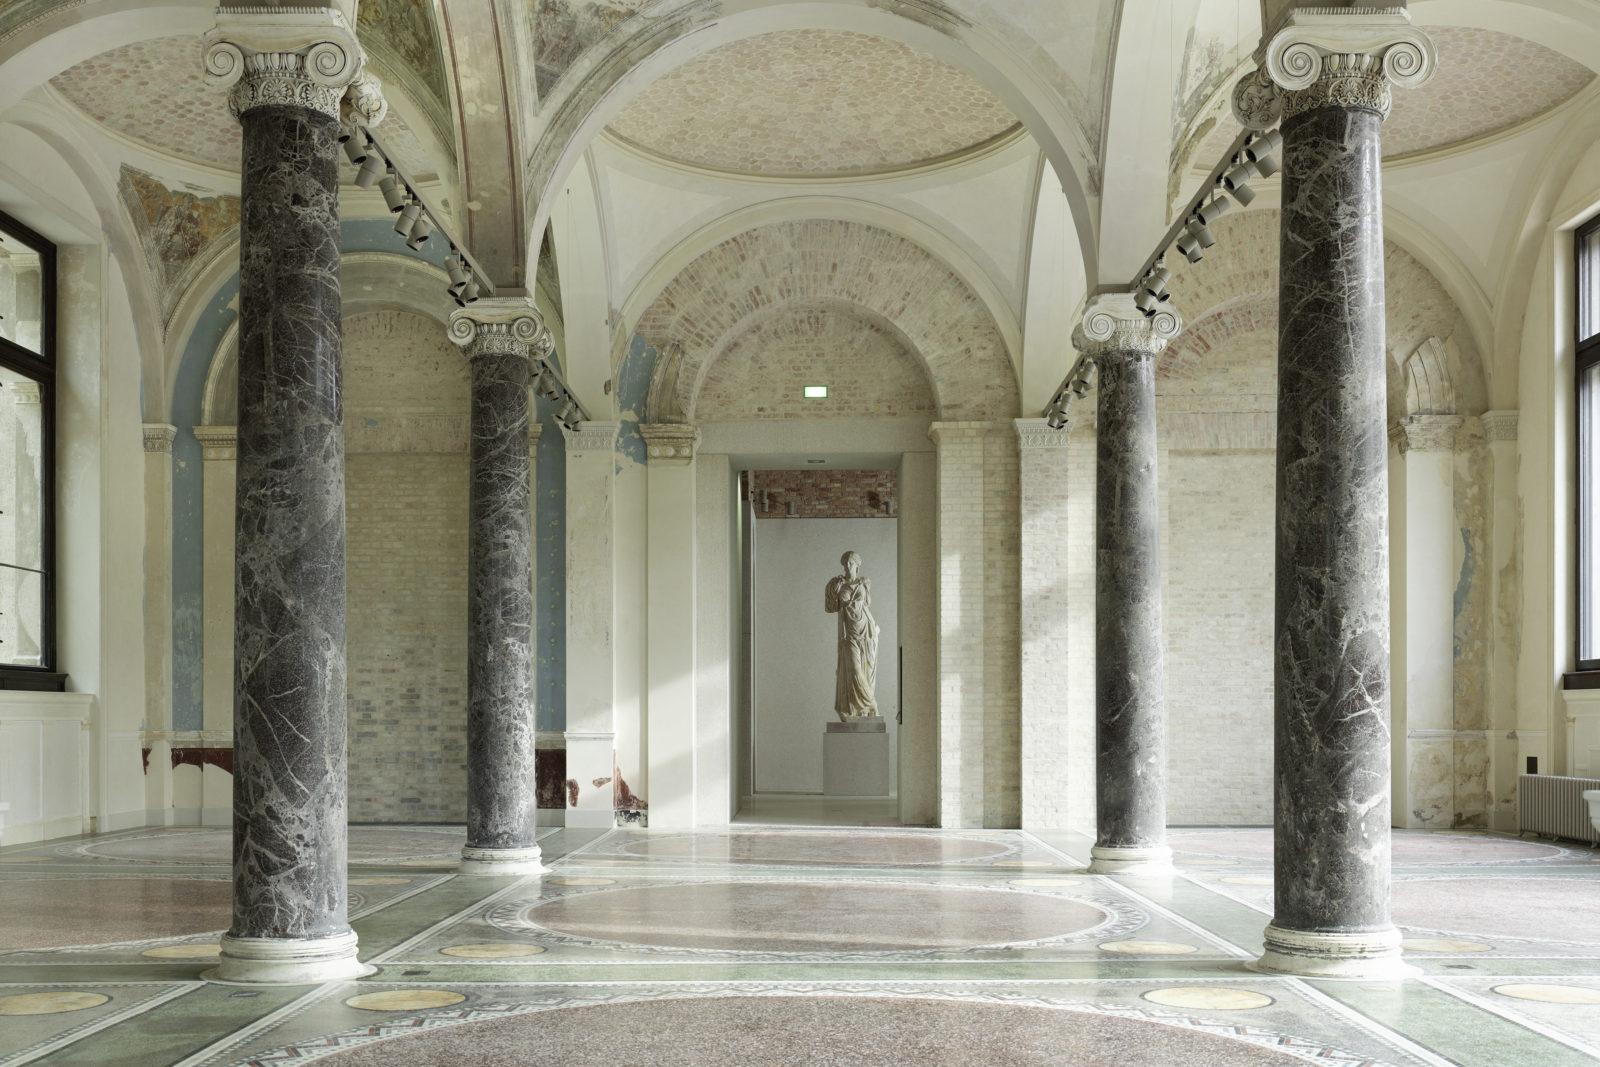 نمونه ای از استفاده از سنگ مرمر در ساخت ستون ها و سر ستون ها در معماری یونانی و رمی باستانی